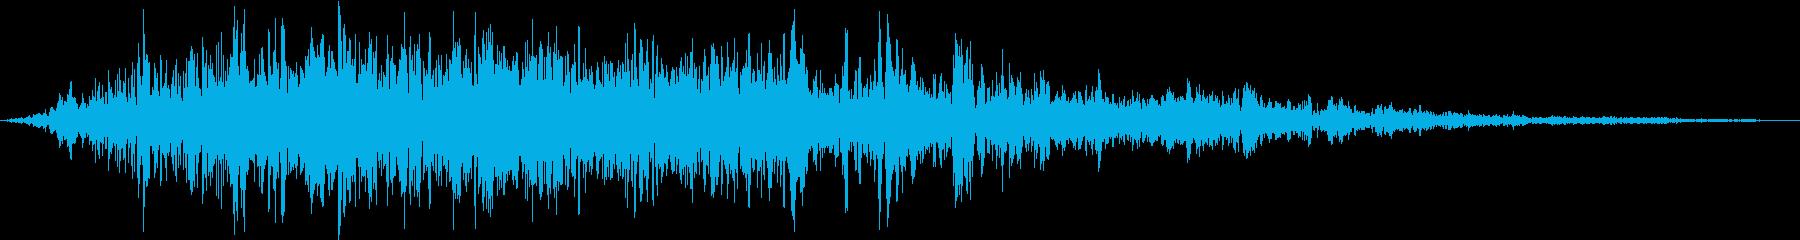 スパイラルフーシャバイの再生済みの波形